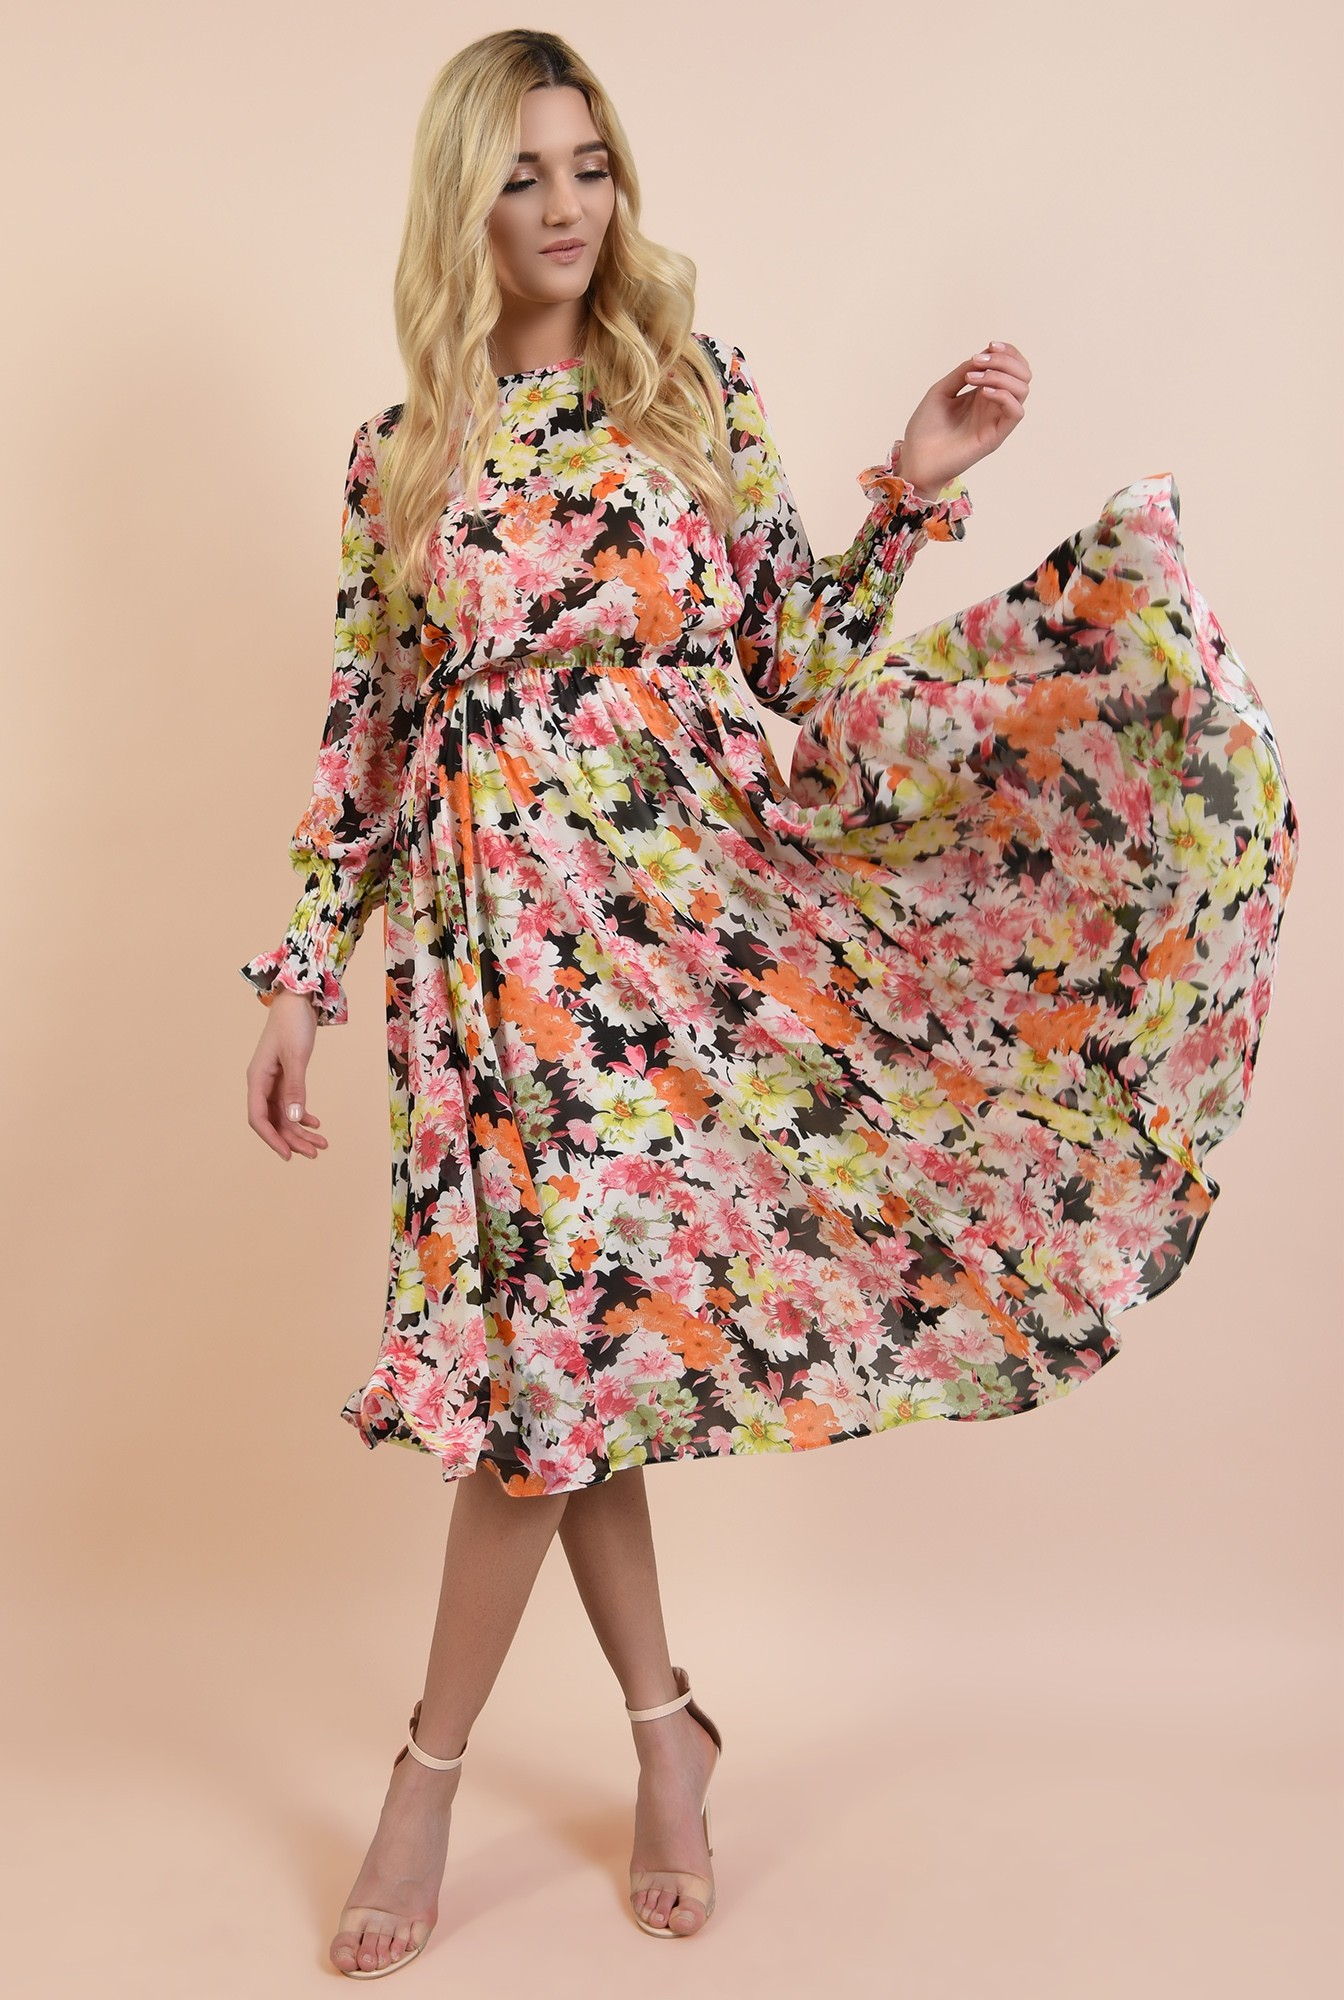 3 - rochie casual, pe bie, cu imprimeu floral, maneci lungi cu mansete elastice